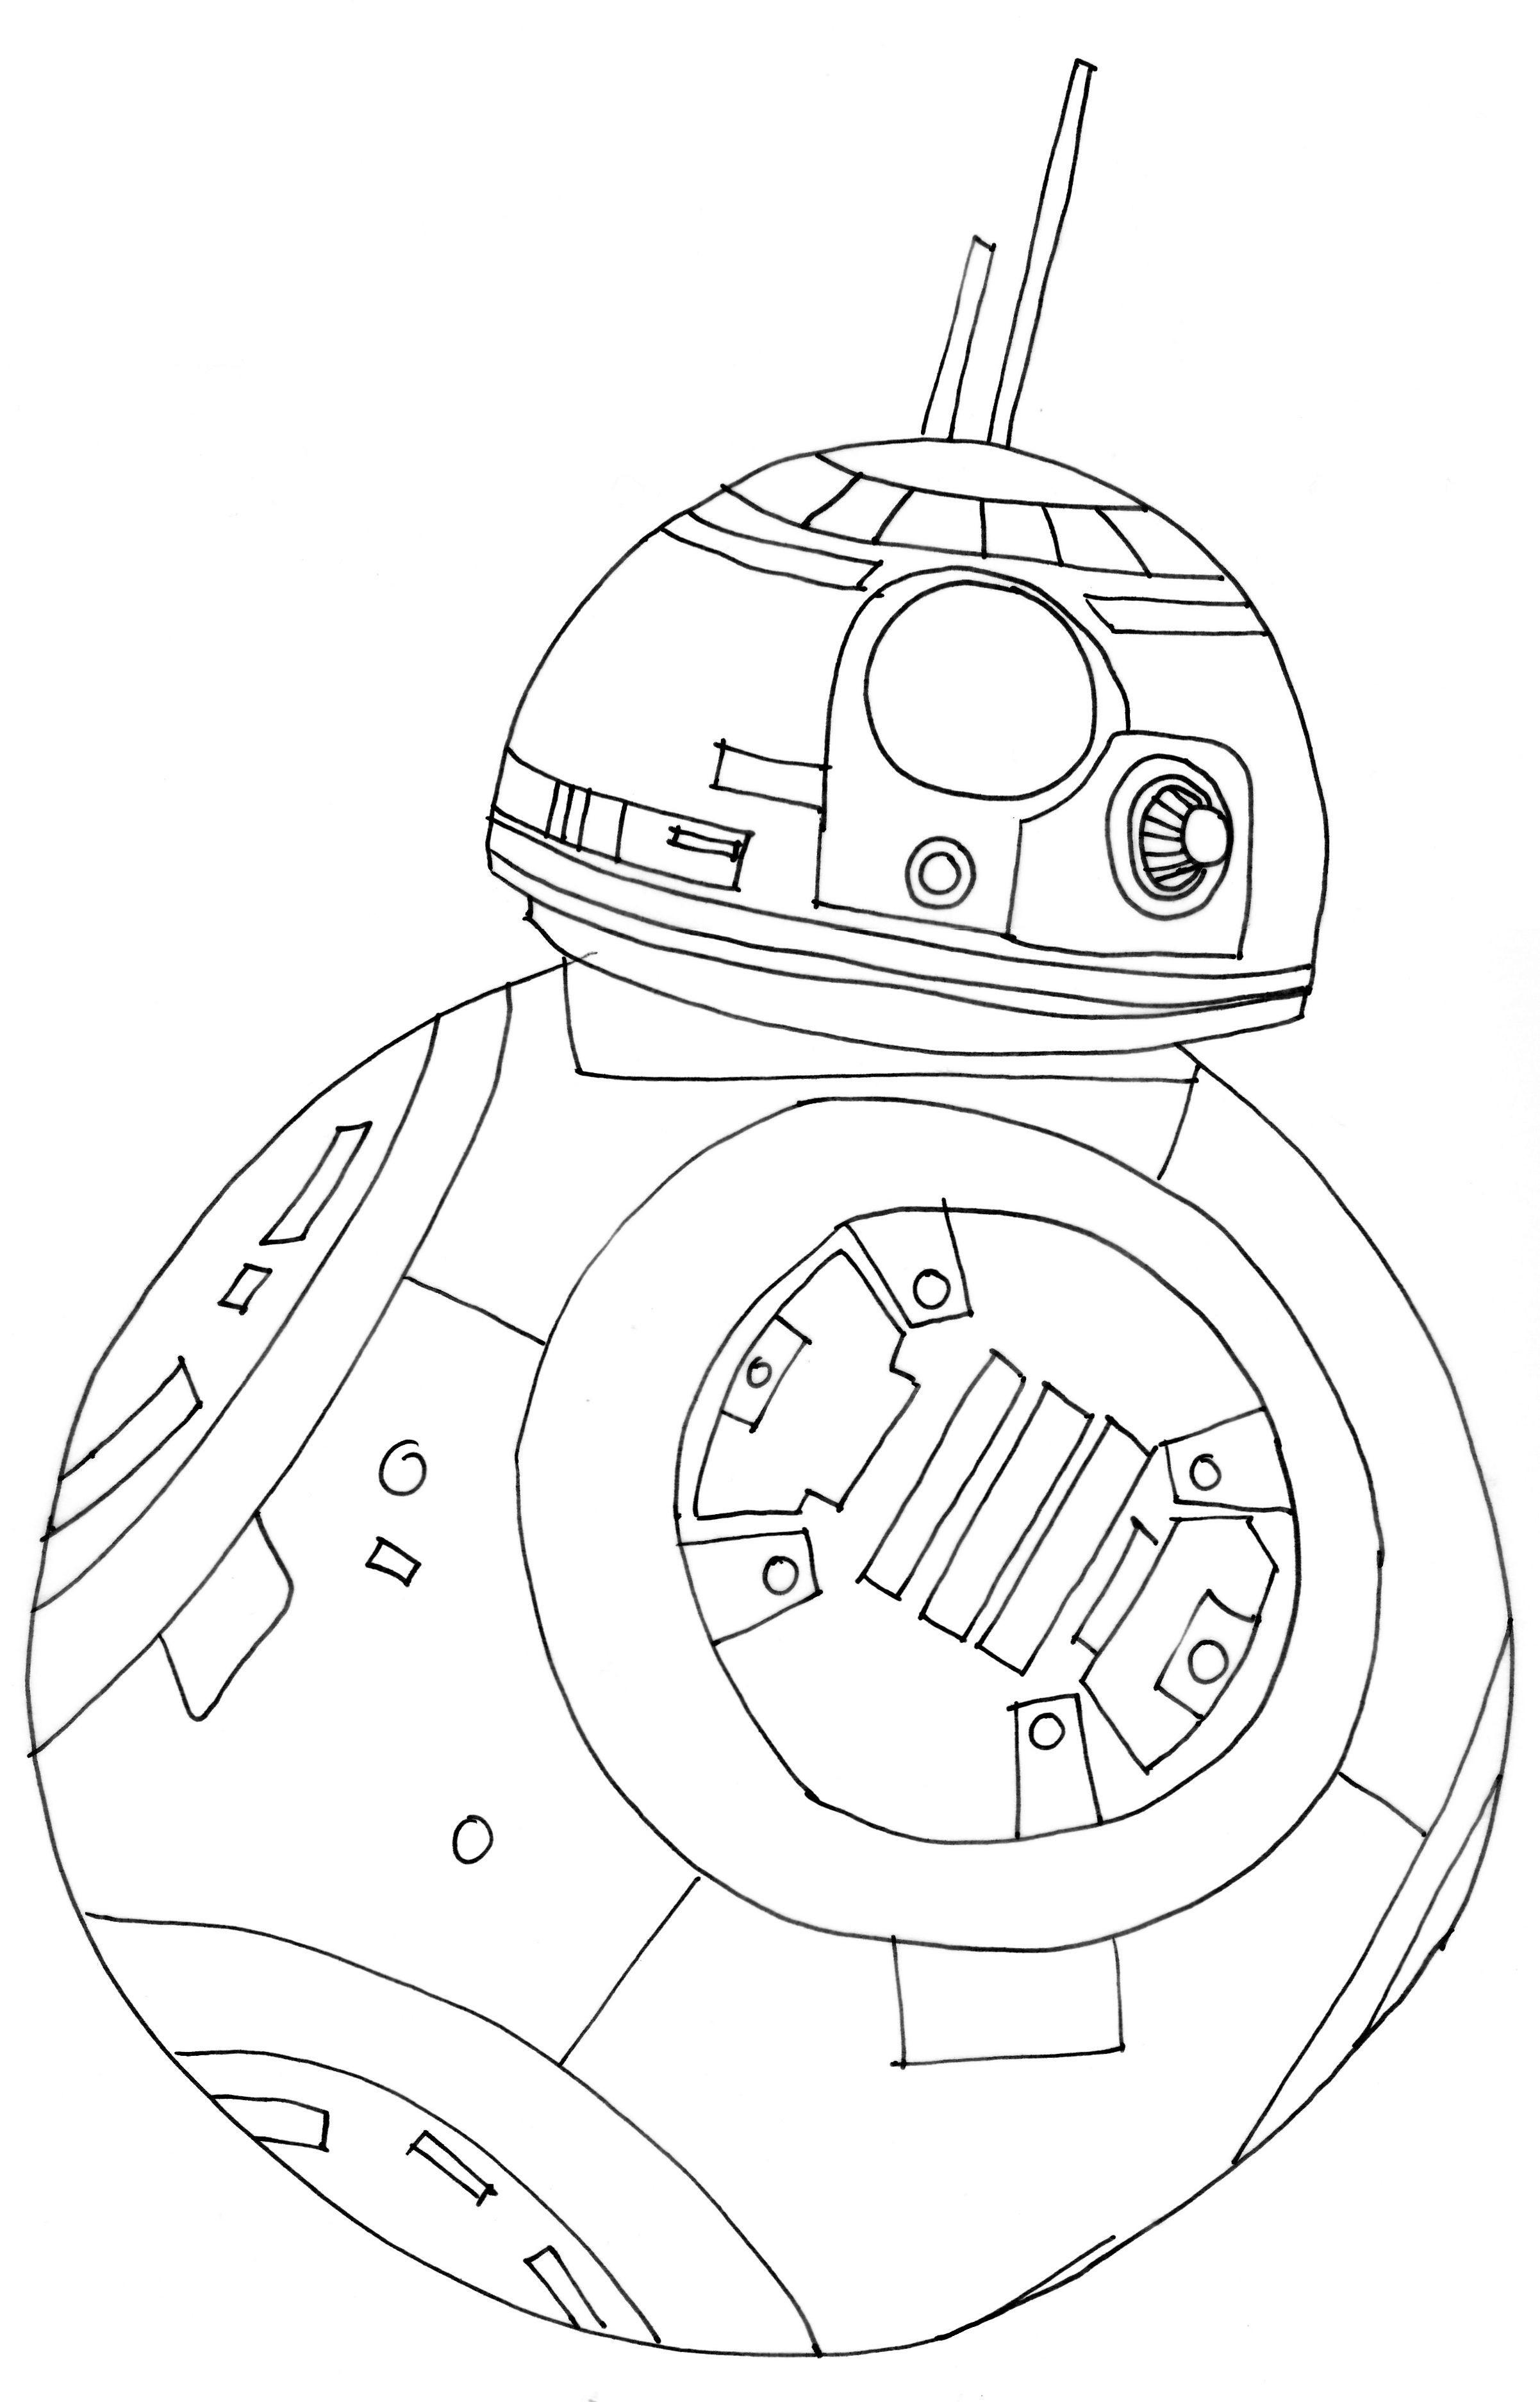 Star Wars the Clone Wars Ausmalbilder Inspirierend 41 Malvorlagen Star Wars Clone Wars Das Bild